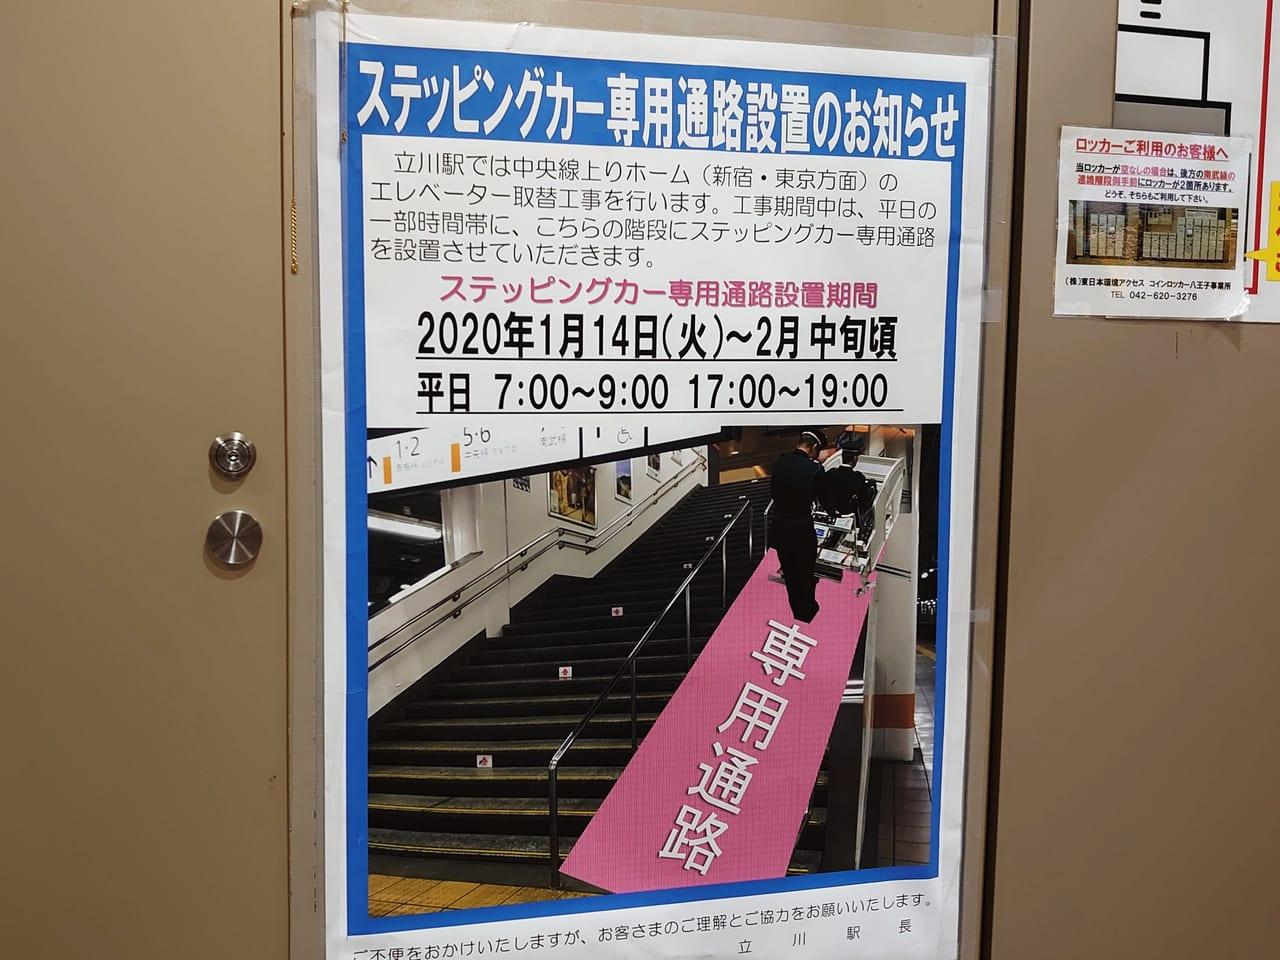 2020年1月14日からの立川駅エレベーター工事に伴うお知らせ